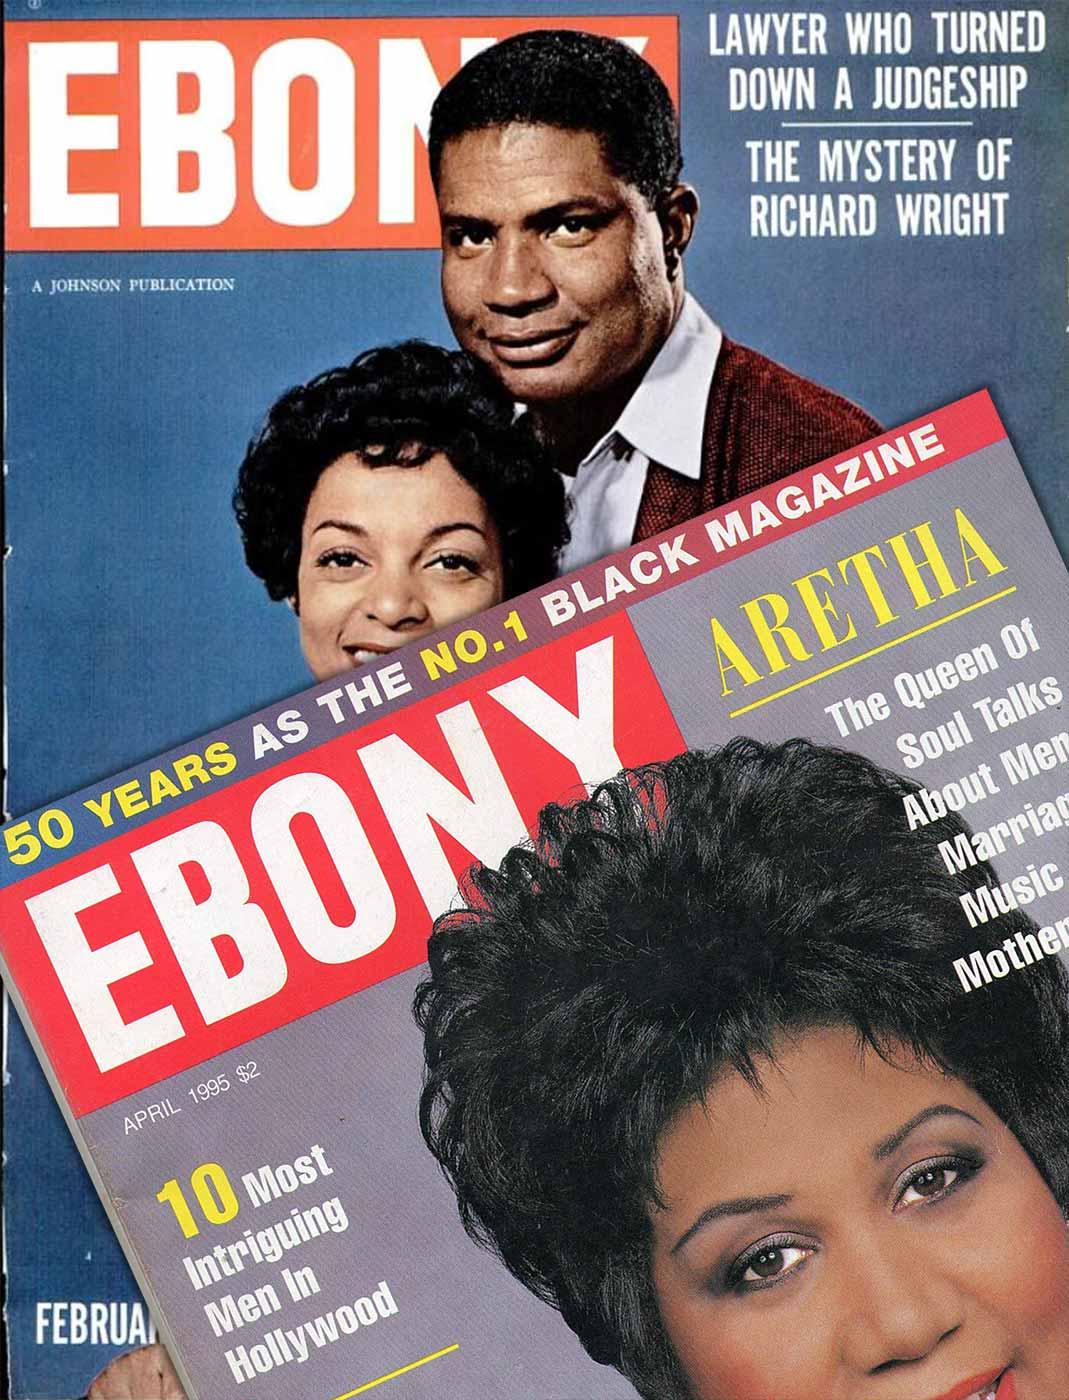 The Empire of Ebony